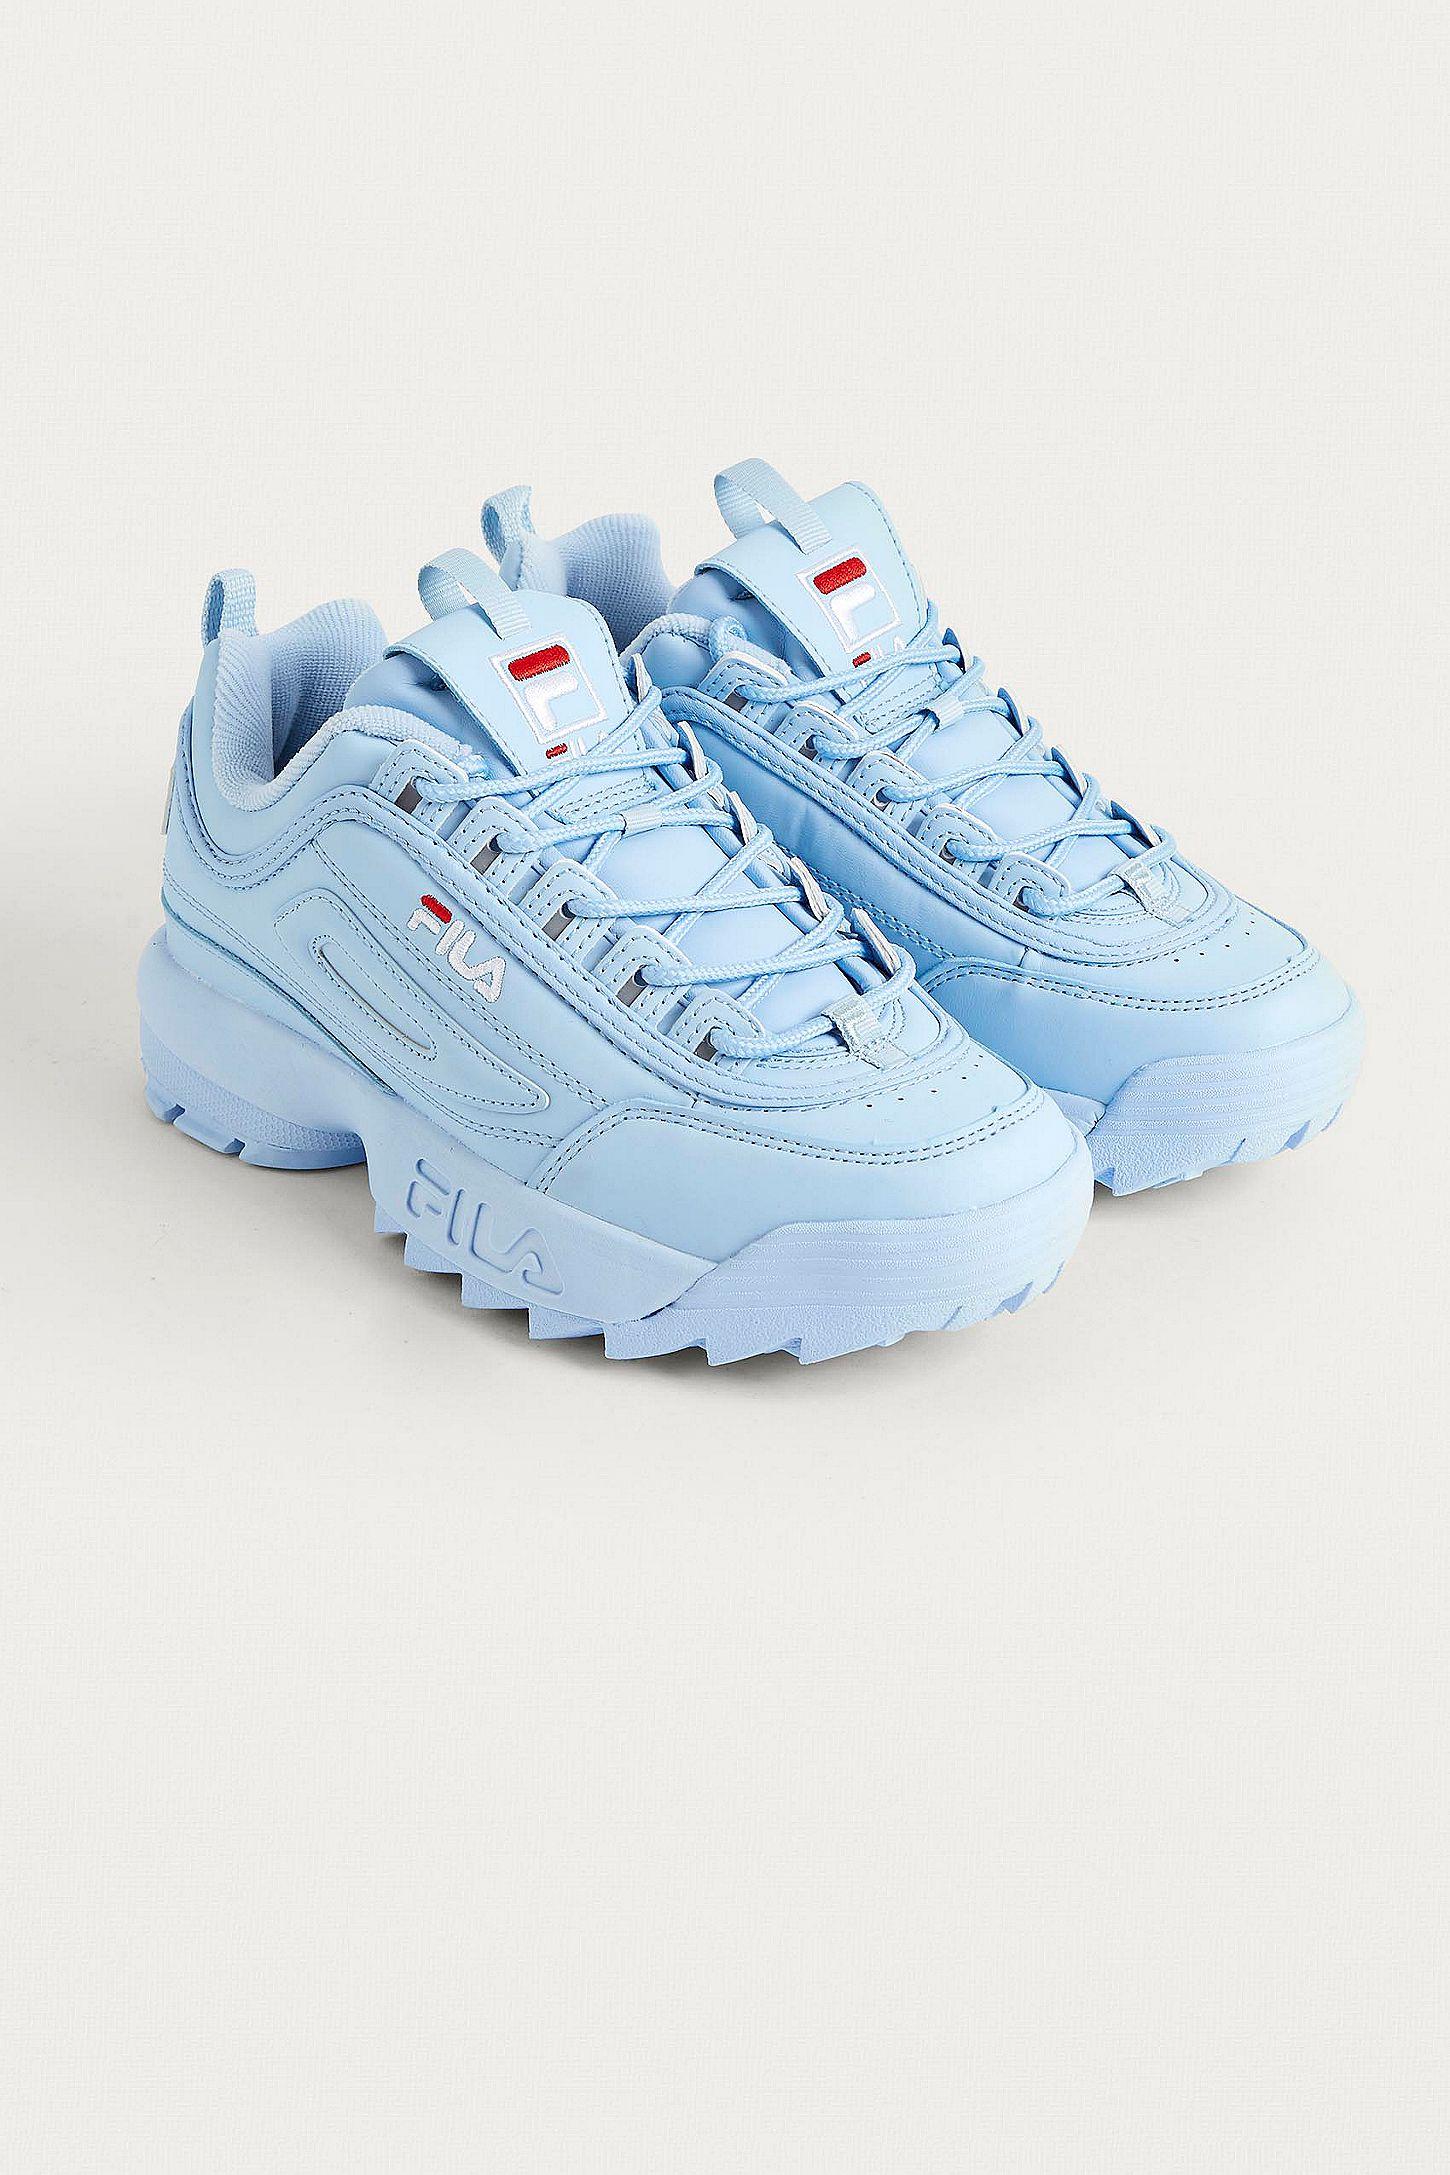 5236f3f89e33e FILA Disruptor Baby Blue Trainers